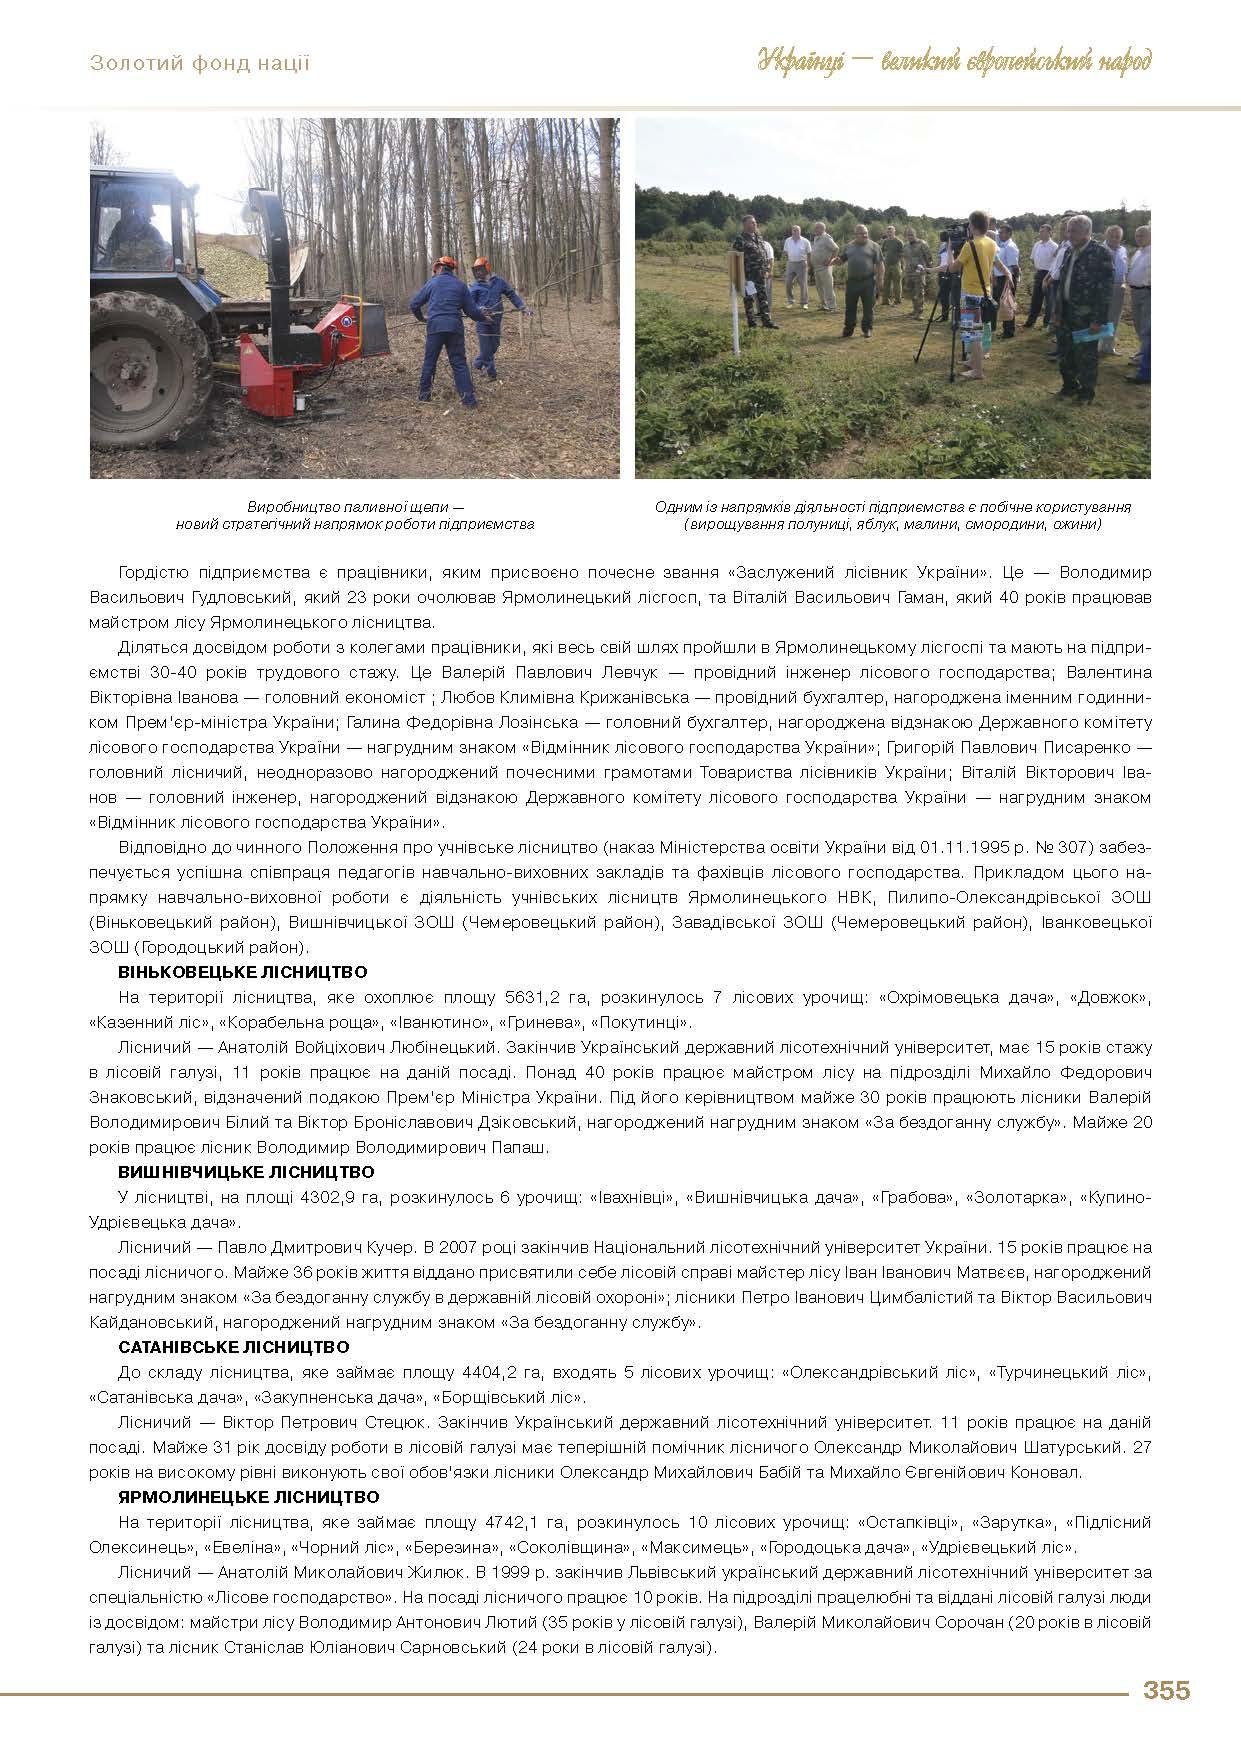 Державне підприємство «Ярмолинецьке лісове господарство» - Кирилюк Іван Іванович